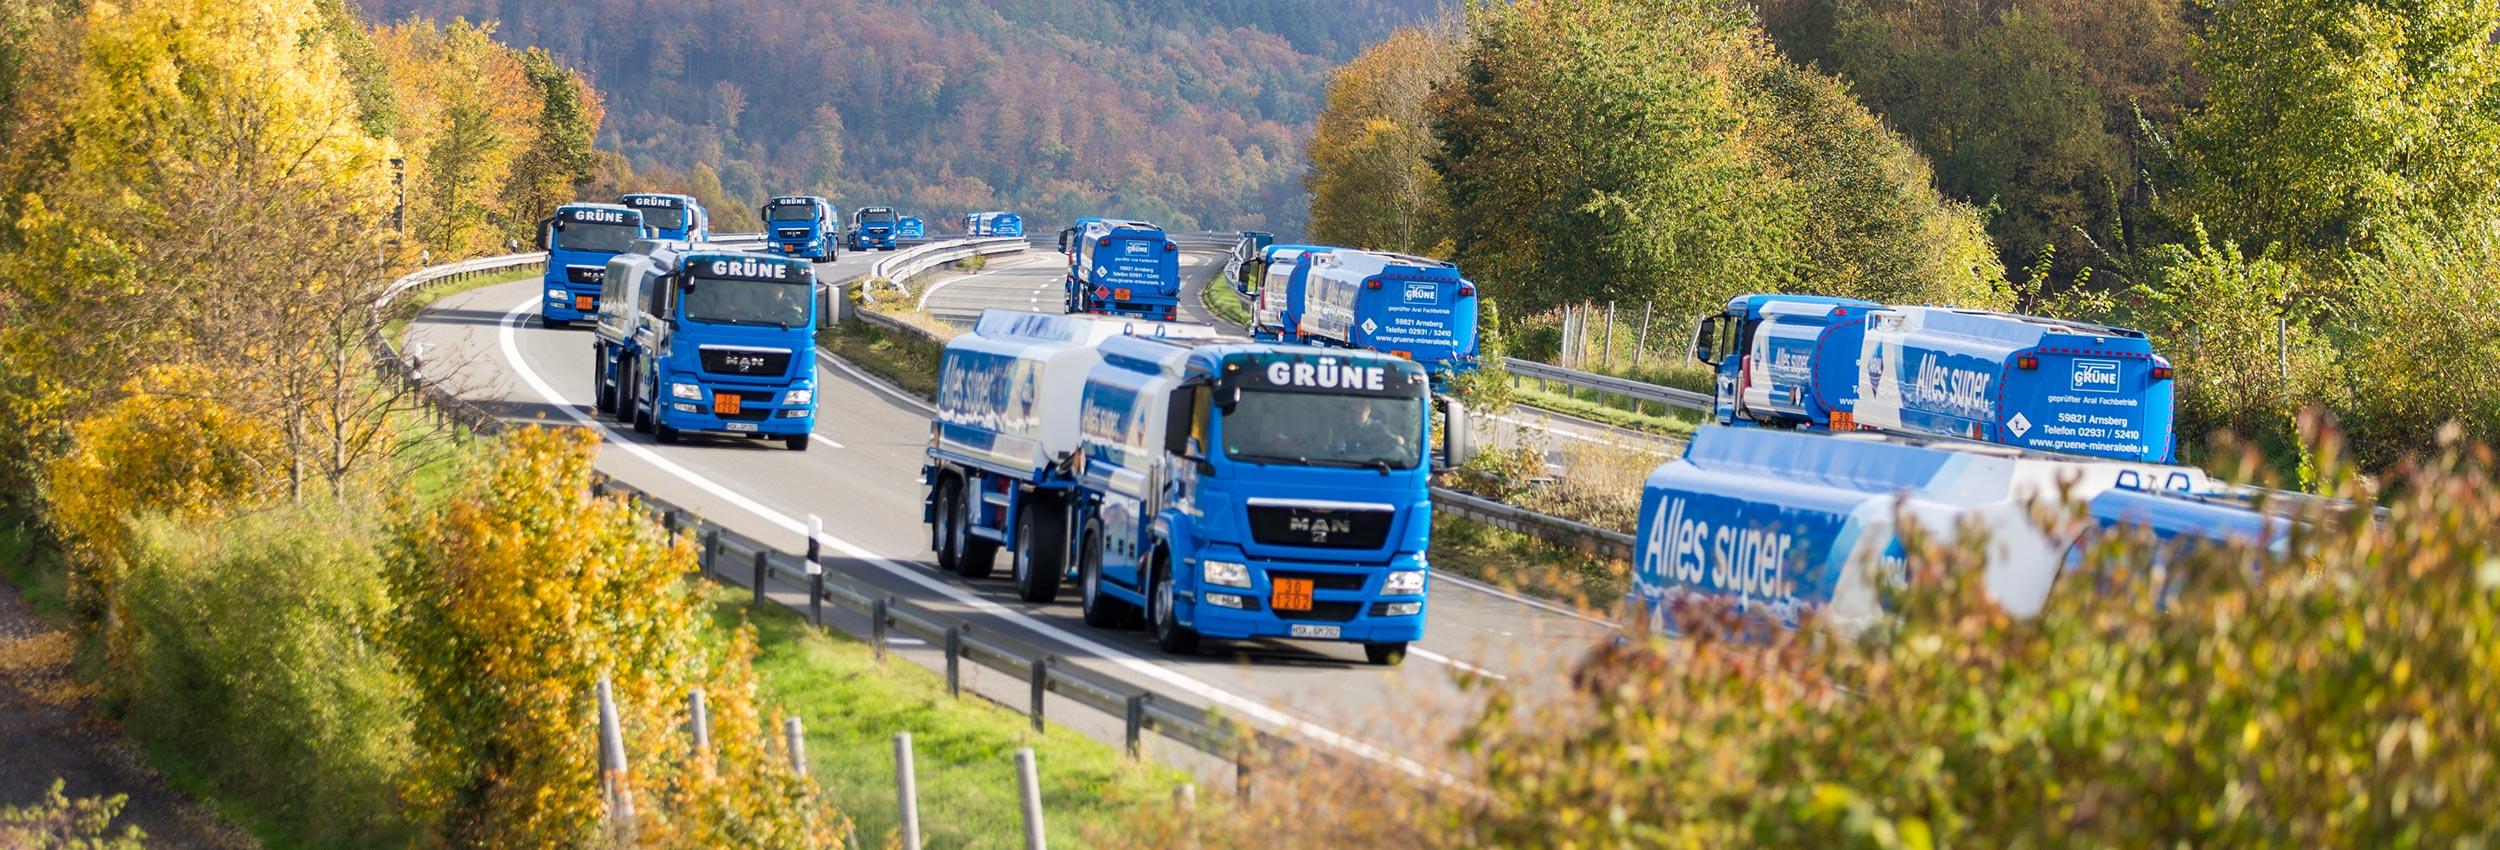 gruene-mineraloele-heizoel-lieferung-sauerland-001